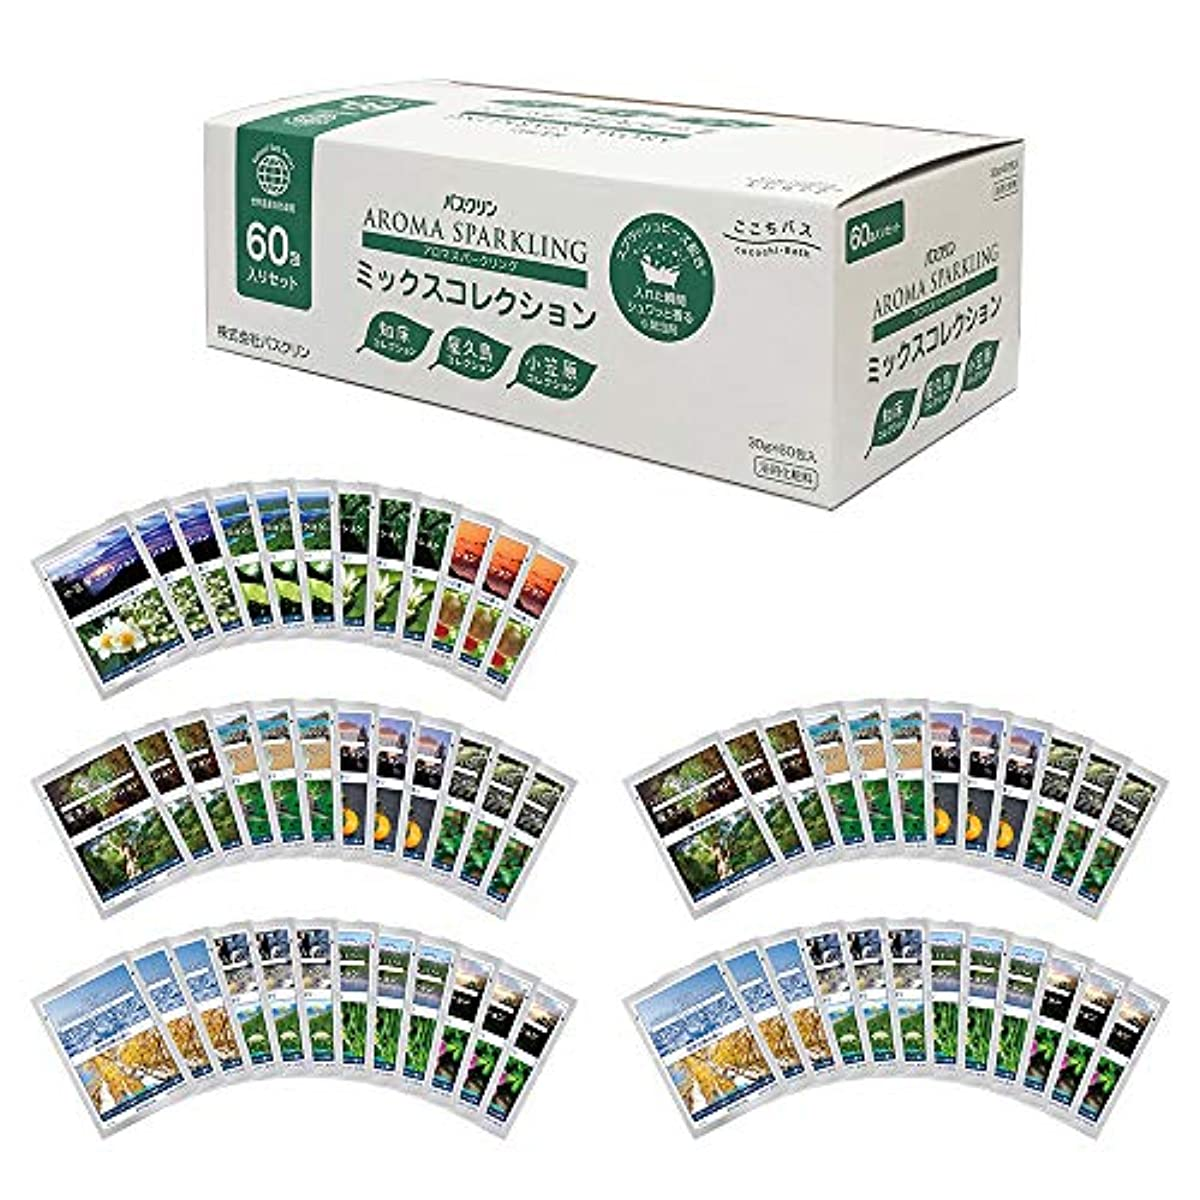 流すシーサイド体現する[Amazon限定ブランド] ここちバス バスクリン 入浴剤  アロマスパークリング ミックスコレクション 60包入り 個包装 詰め合わせ